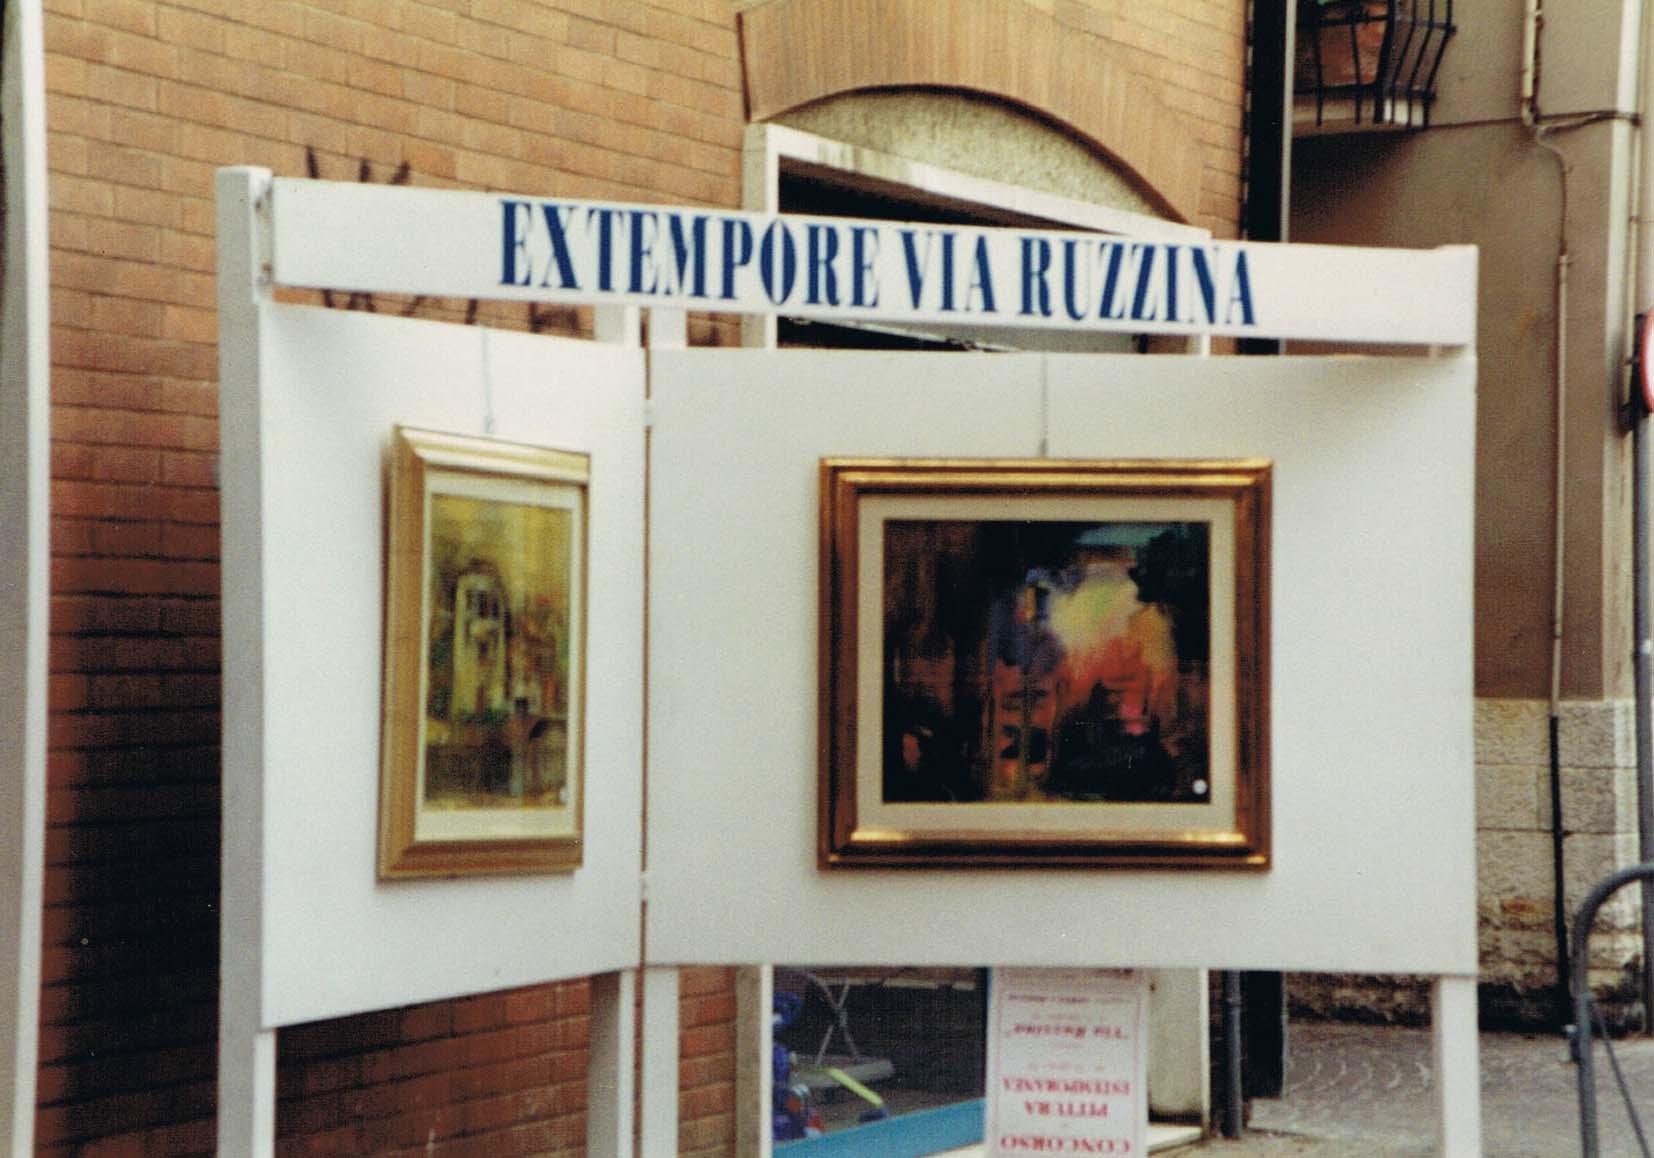 Extempore Via Ruzzina 1993